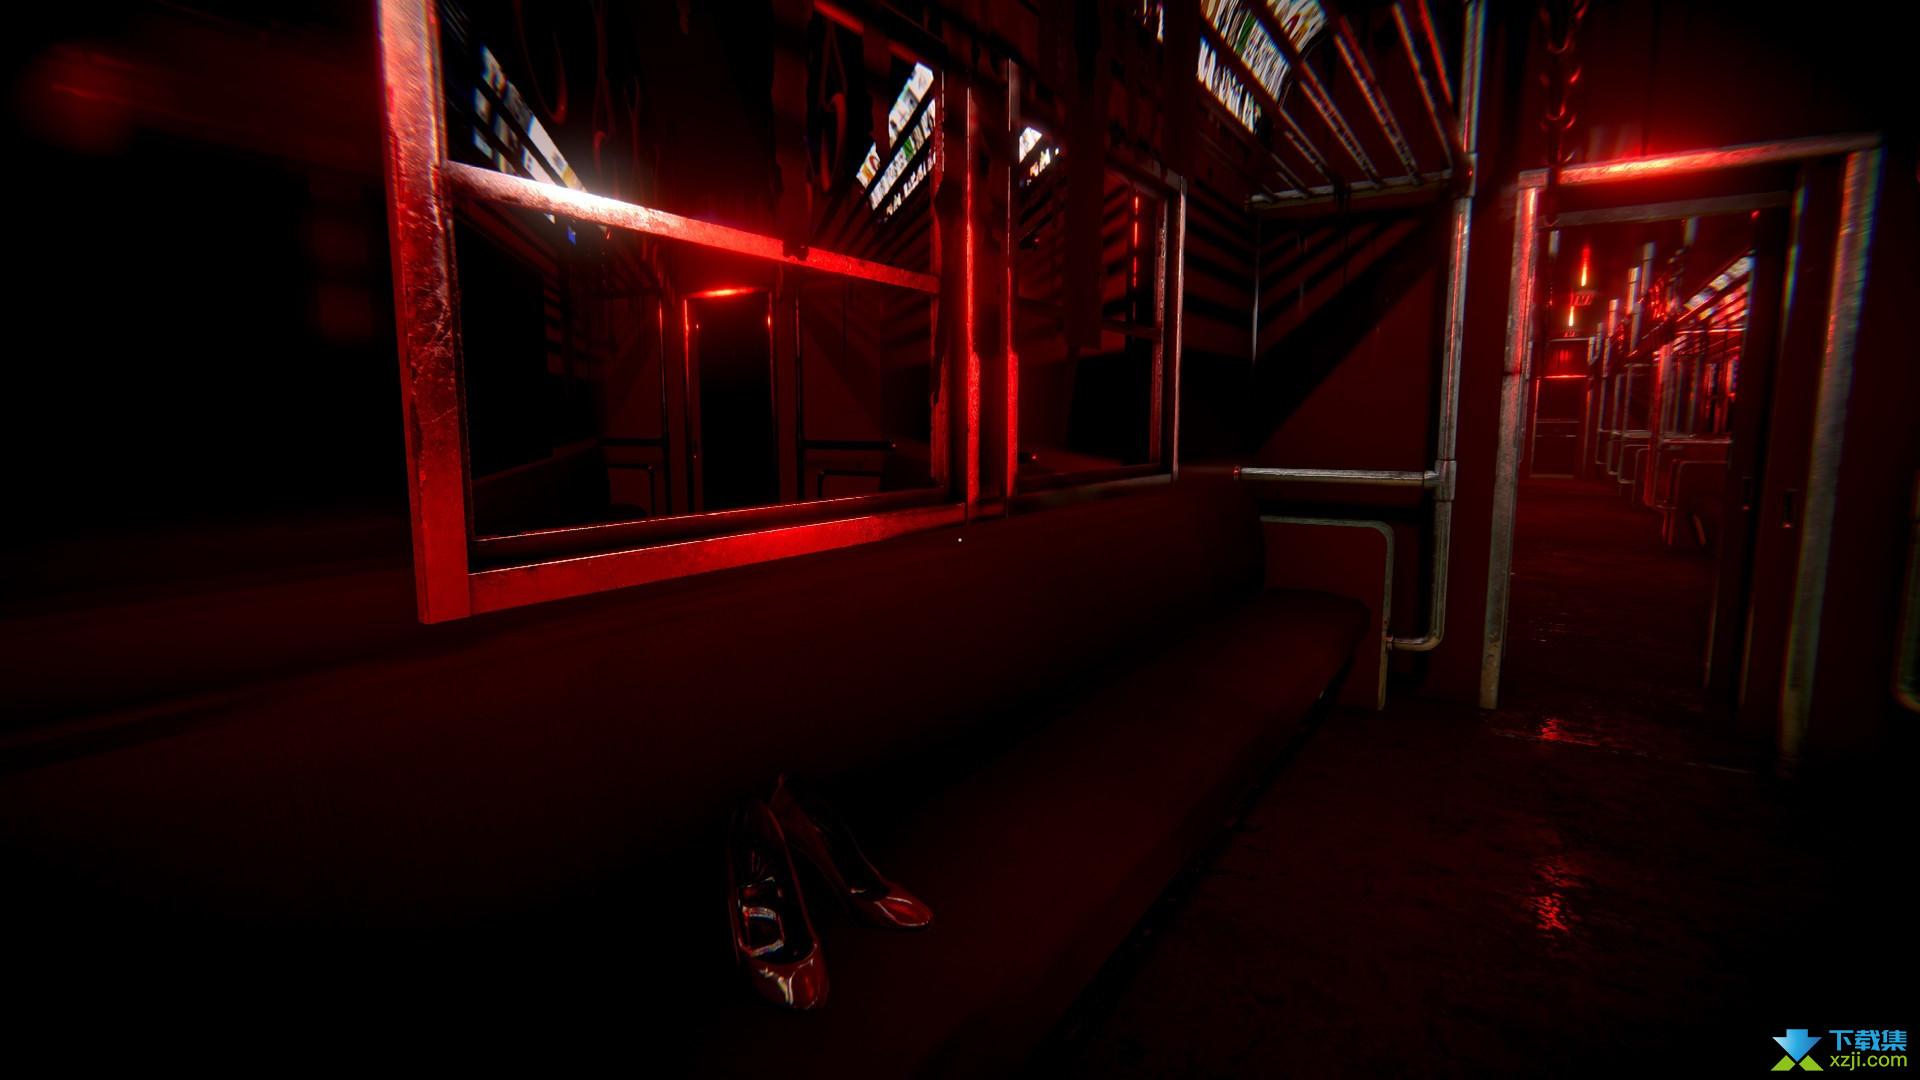 幽灵列车界面3